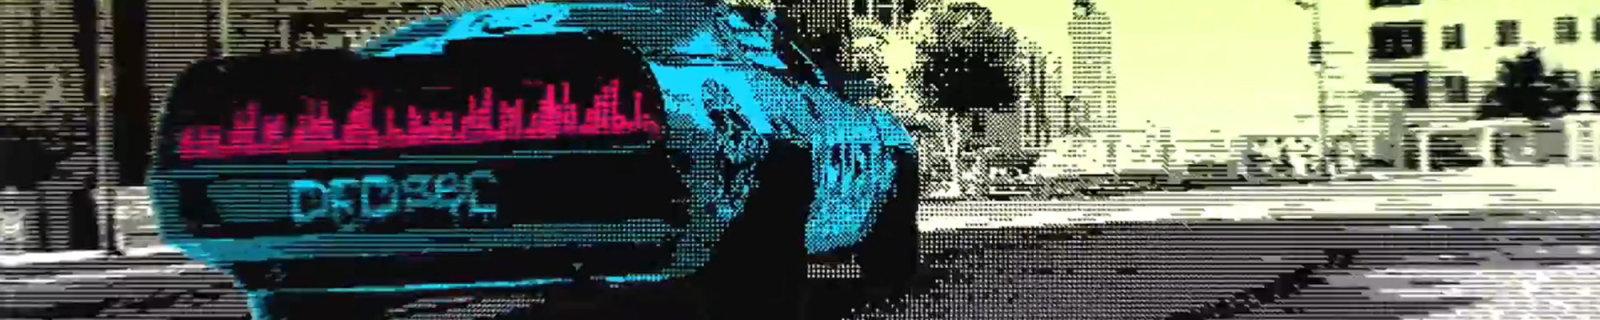 《看门狗2》发售预告公开